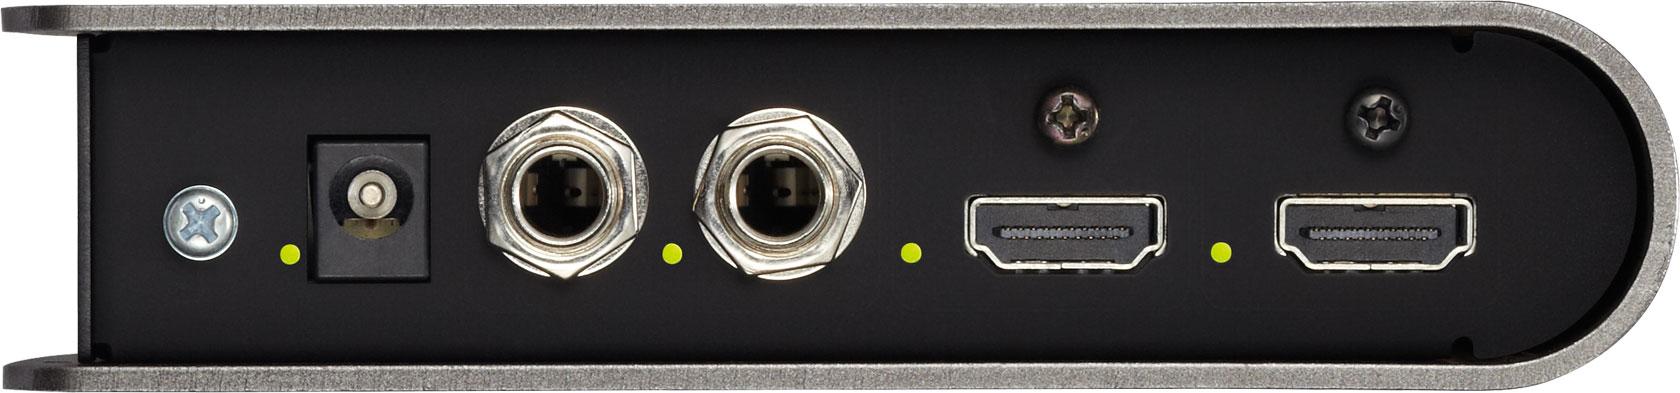 Roland Pro A/V - VC-1-DL | Video Converter